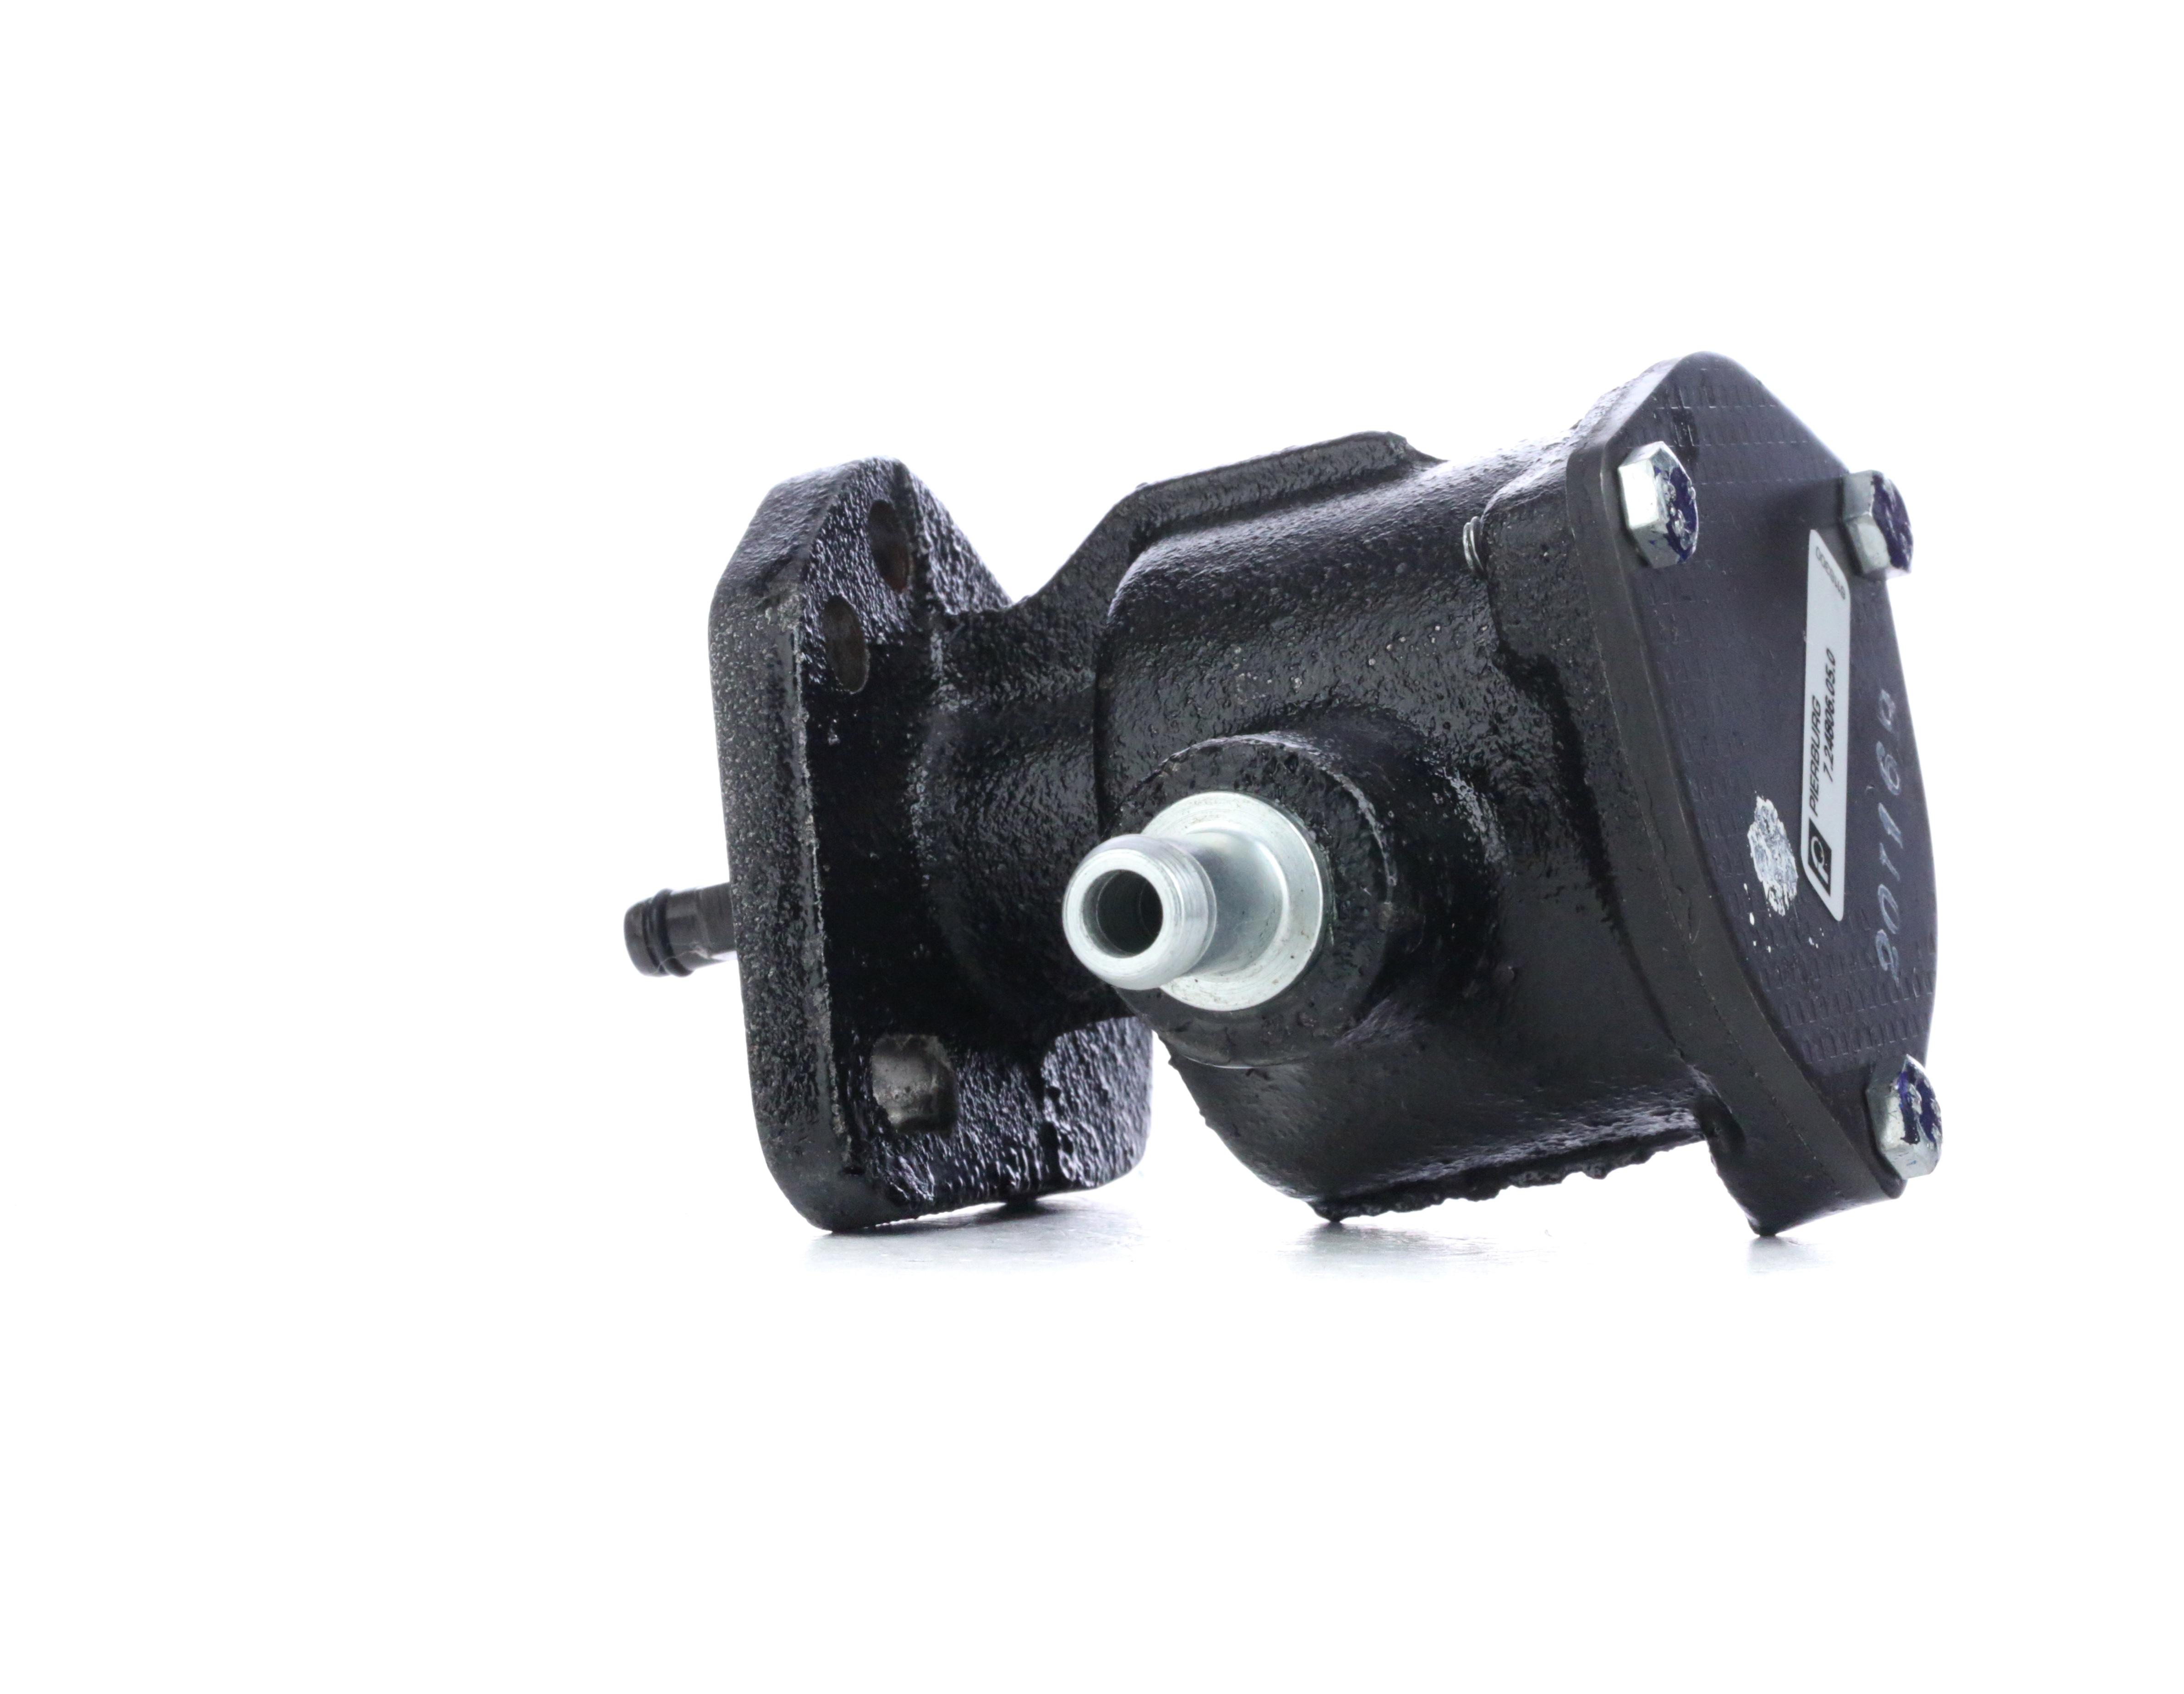 Vacuumpomp rembekrachtiger 7.24806.05.0 FIAT ELBA met een korting — koop nu!